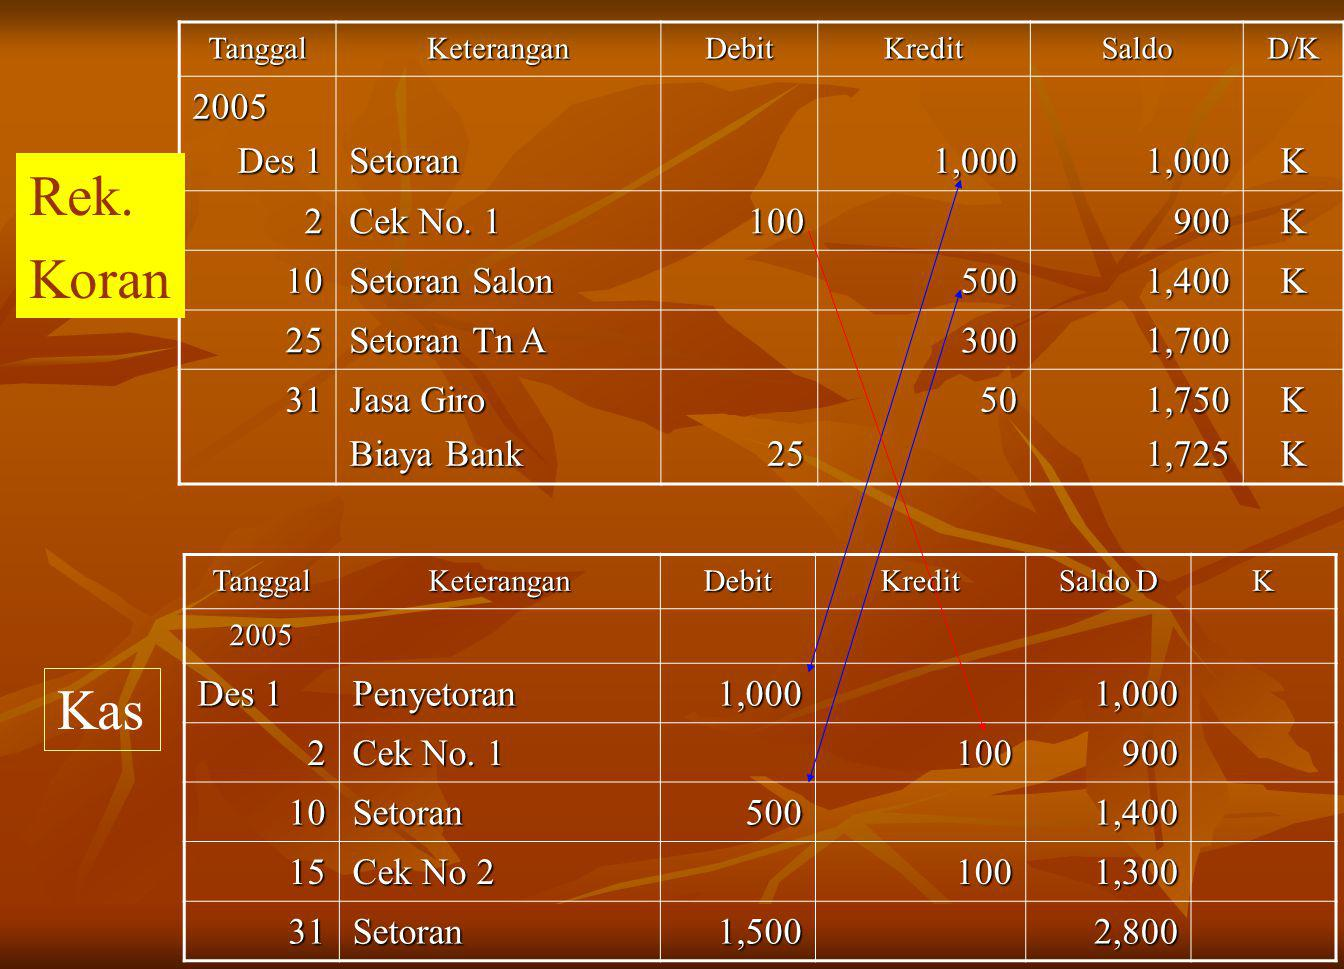 TanggalKeteranganDebitKreditSaldoD/K 2005 Des 1 Setoran1,0001,000K 2 Cek No.